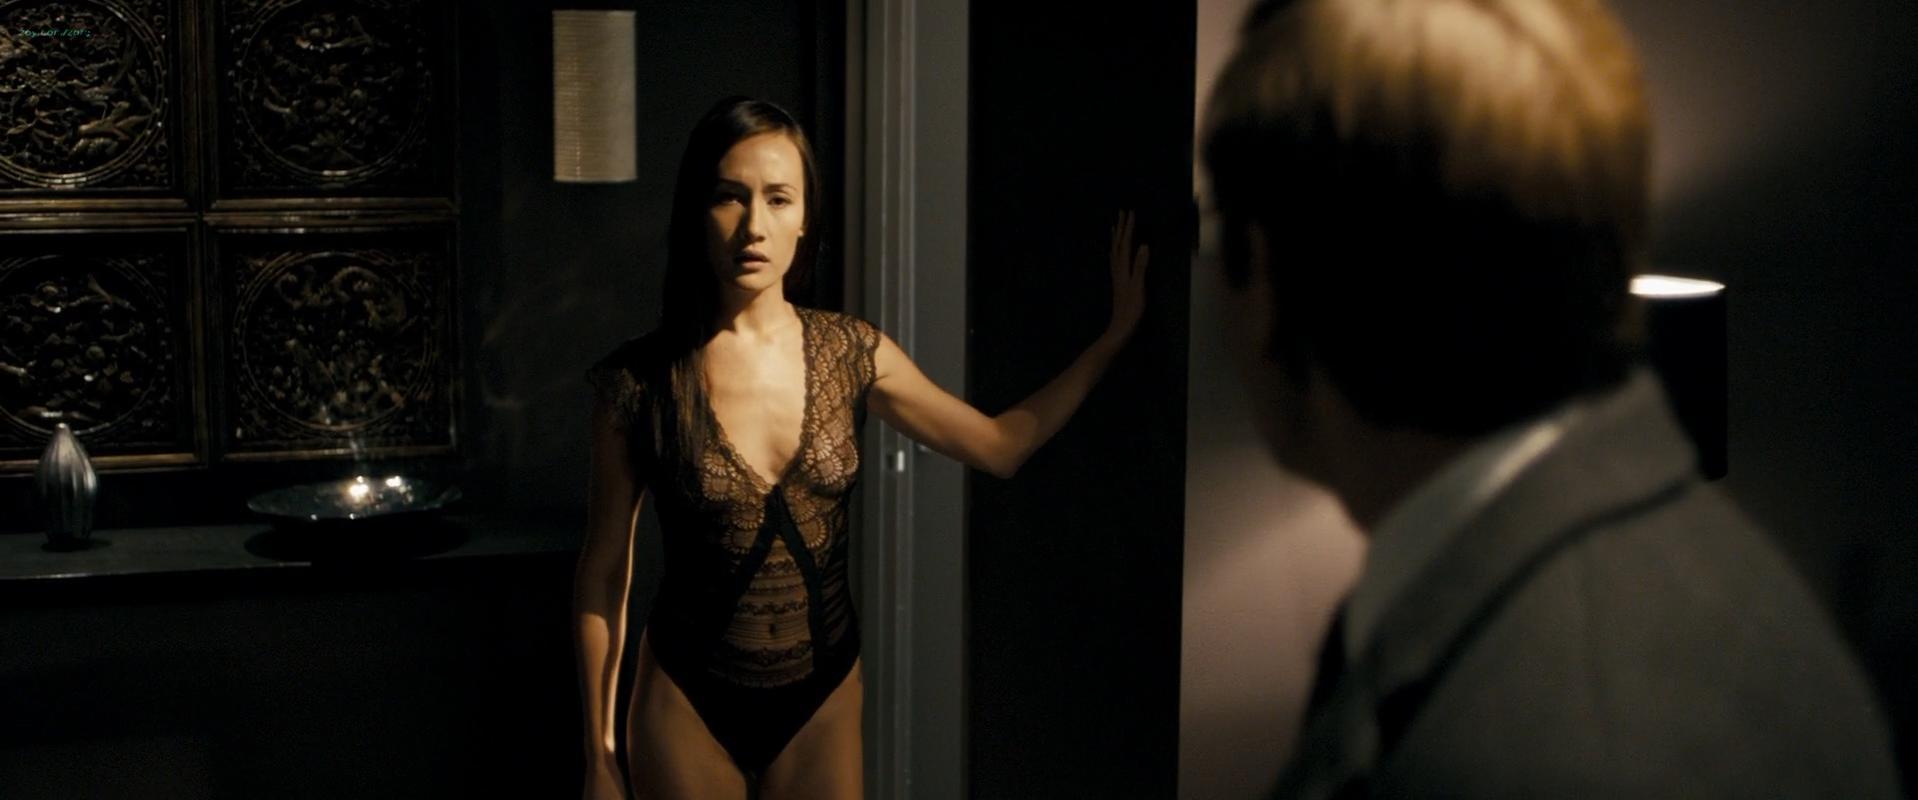 Maggie q nude hot 1